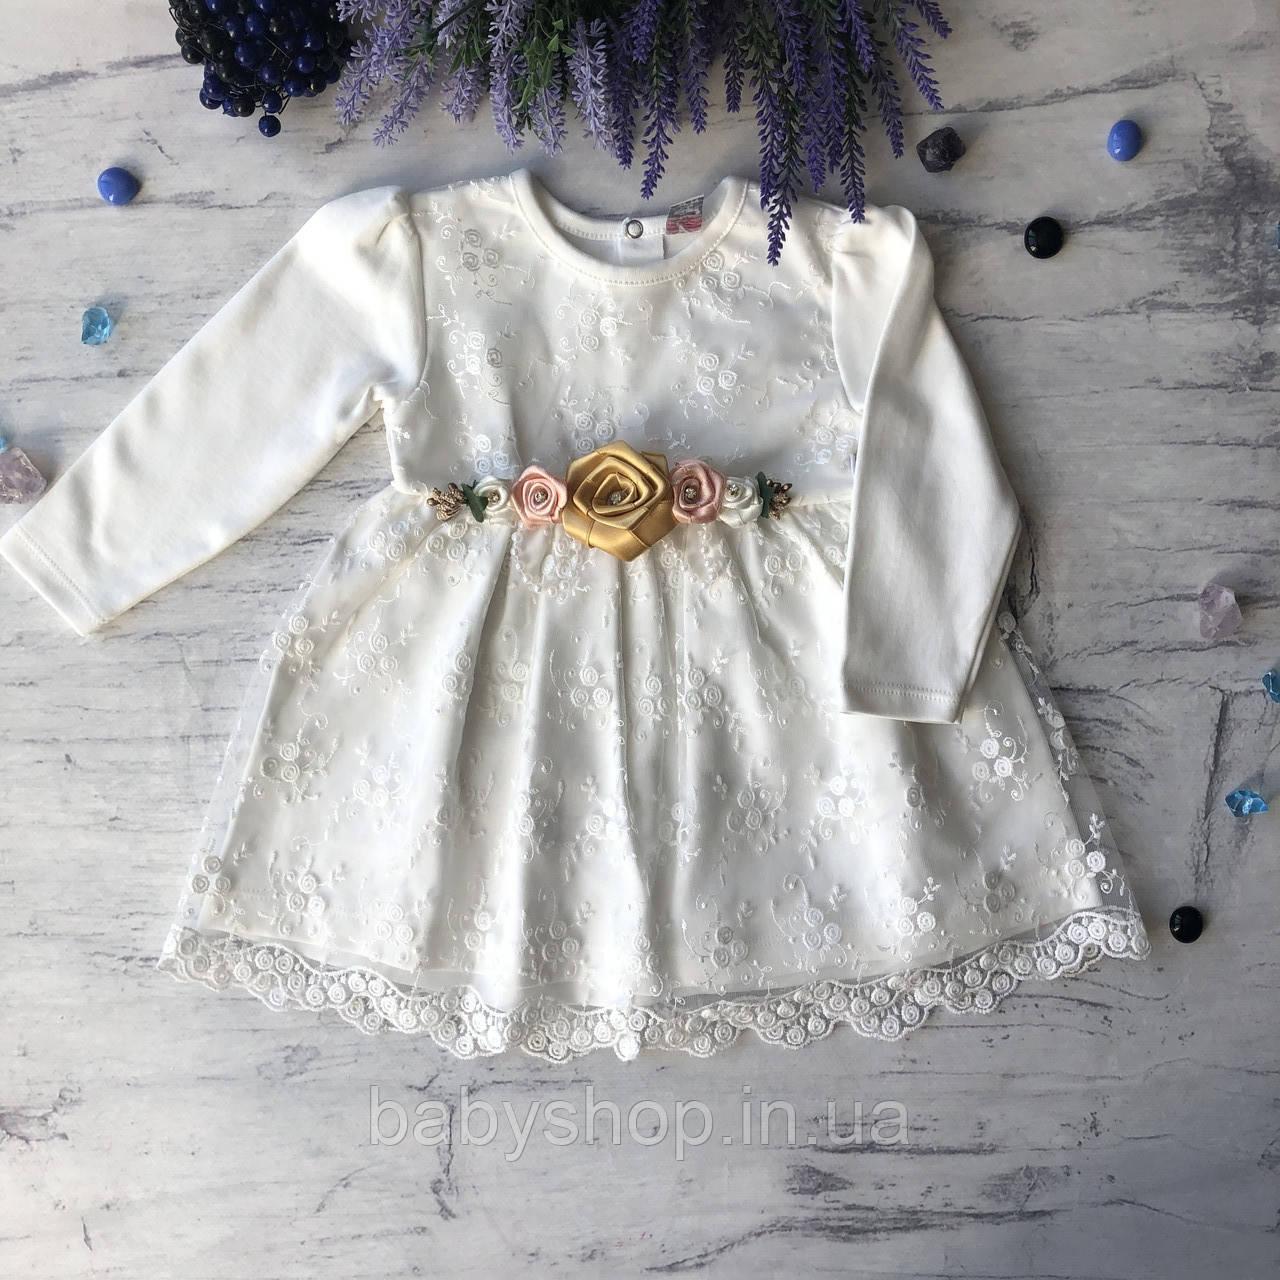 Нарядное платье на девочку 270. Размер 92 см, 98 см, 104 см